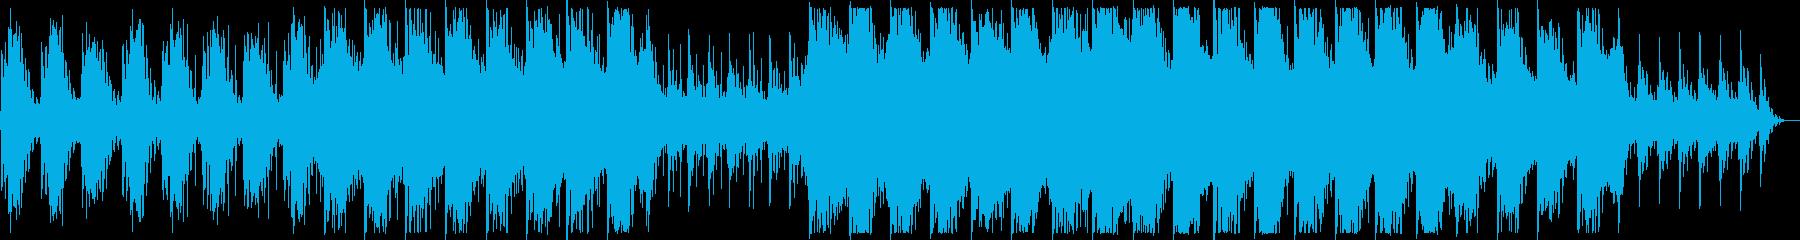 幻想的でダークなBGMの再生済みの波形